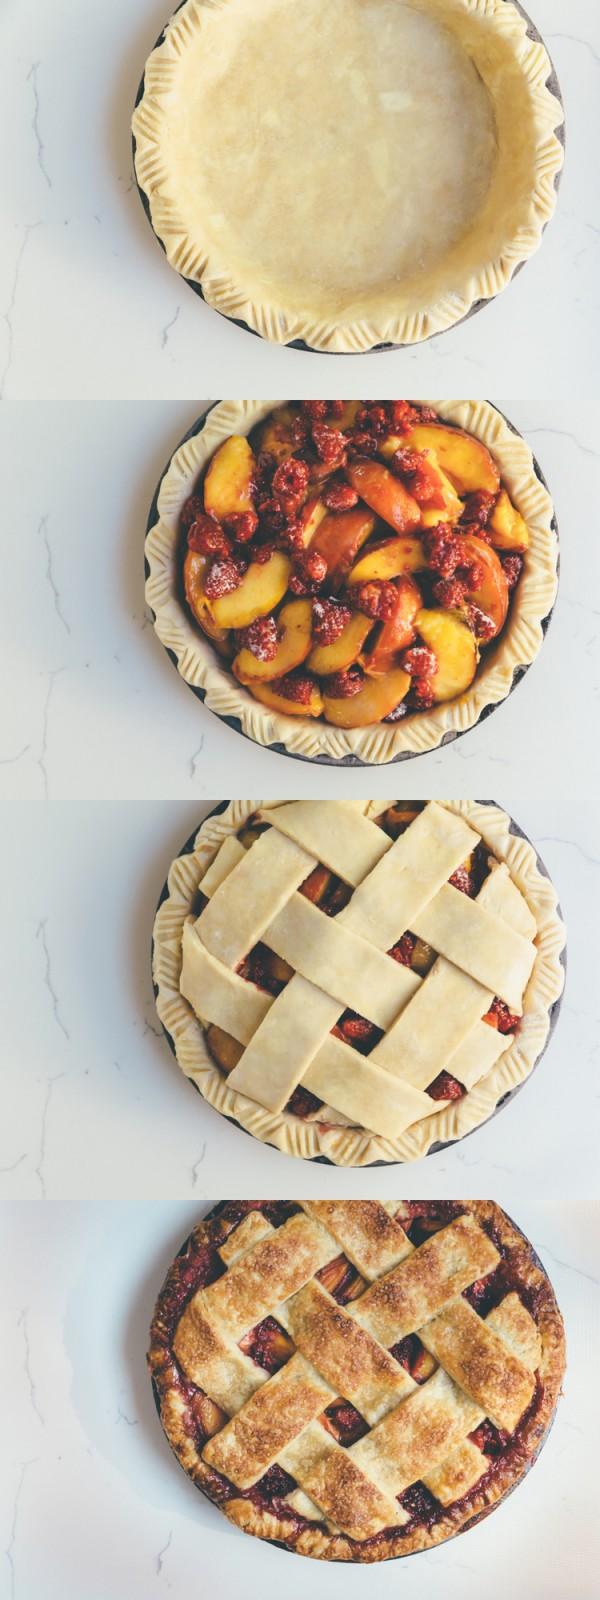 Get the recipe Peach Raspberry Pie @recipes_to_go